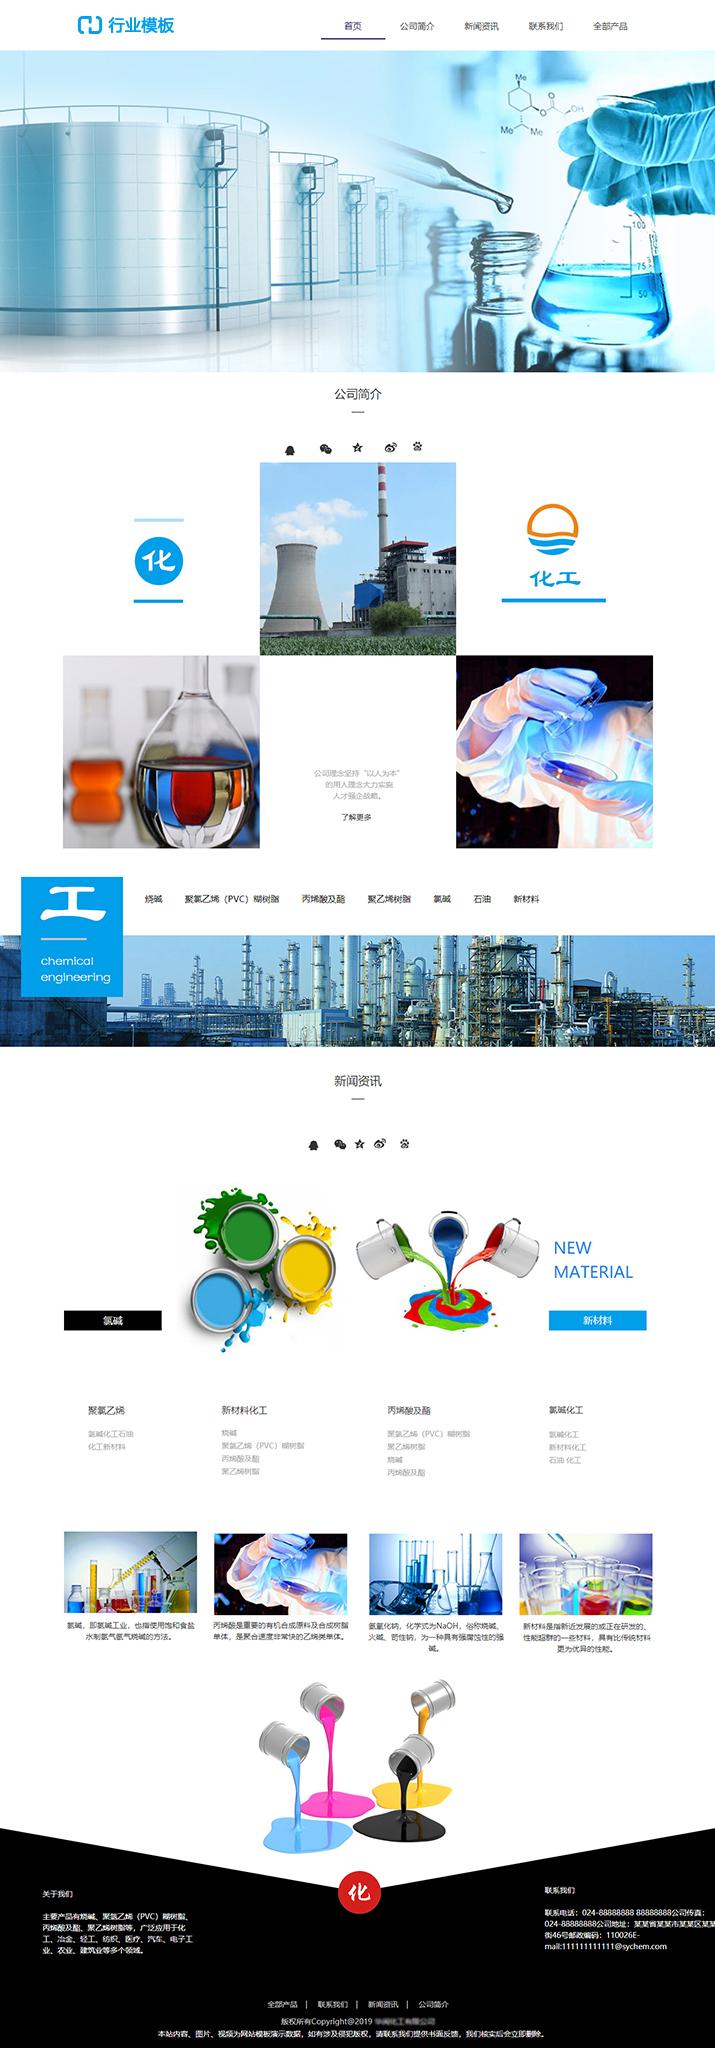 化工材料研发公司网站模板